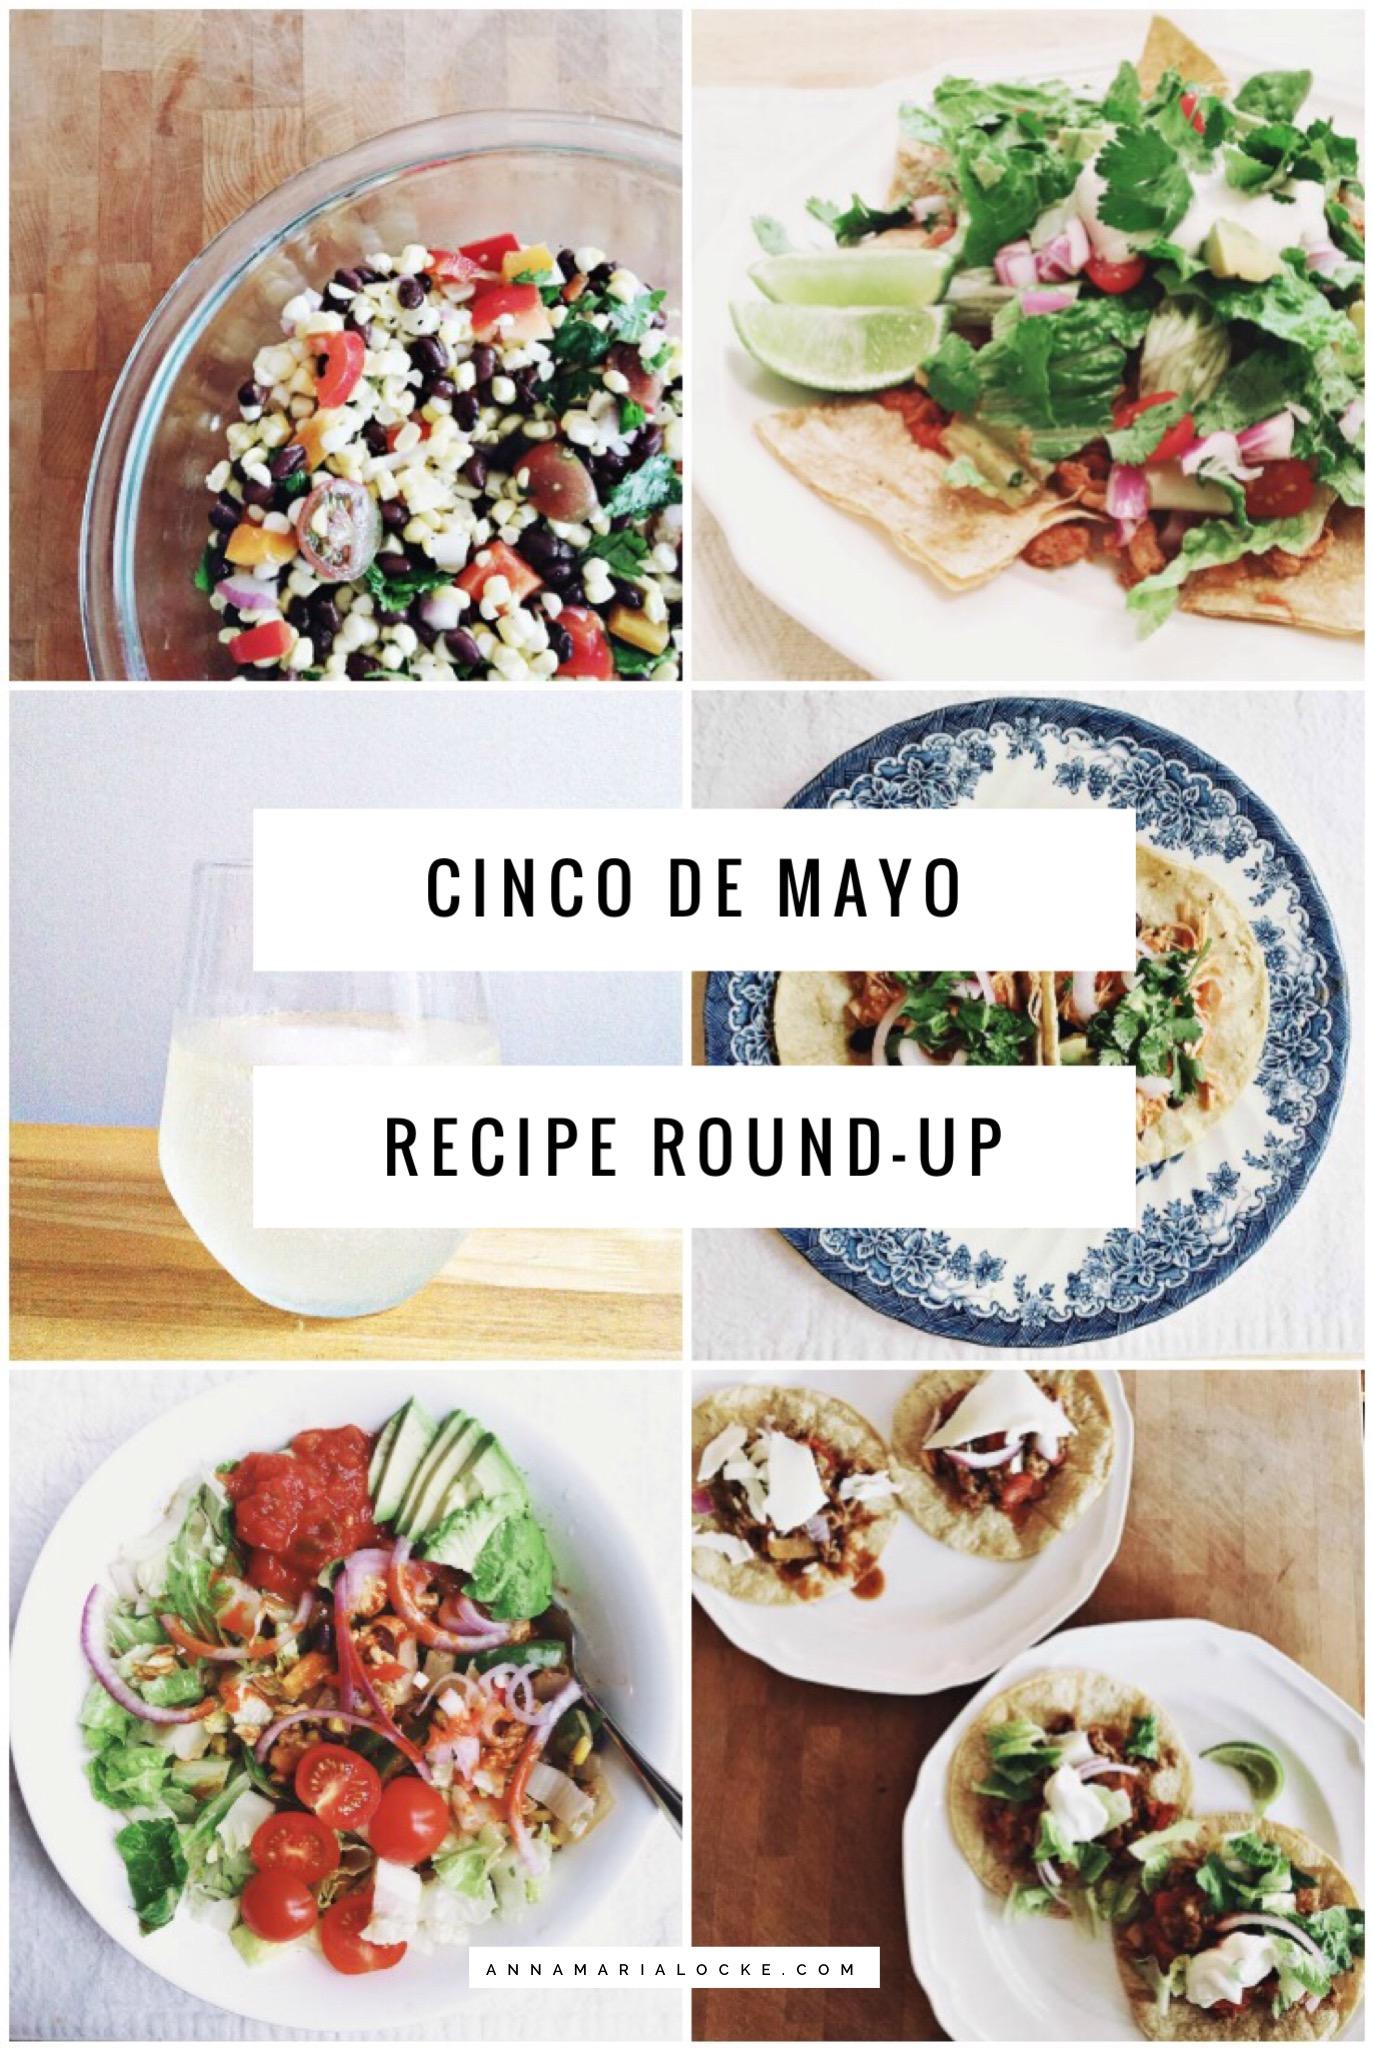 Cinco de Mayo Healthy Recipe Round-Up!